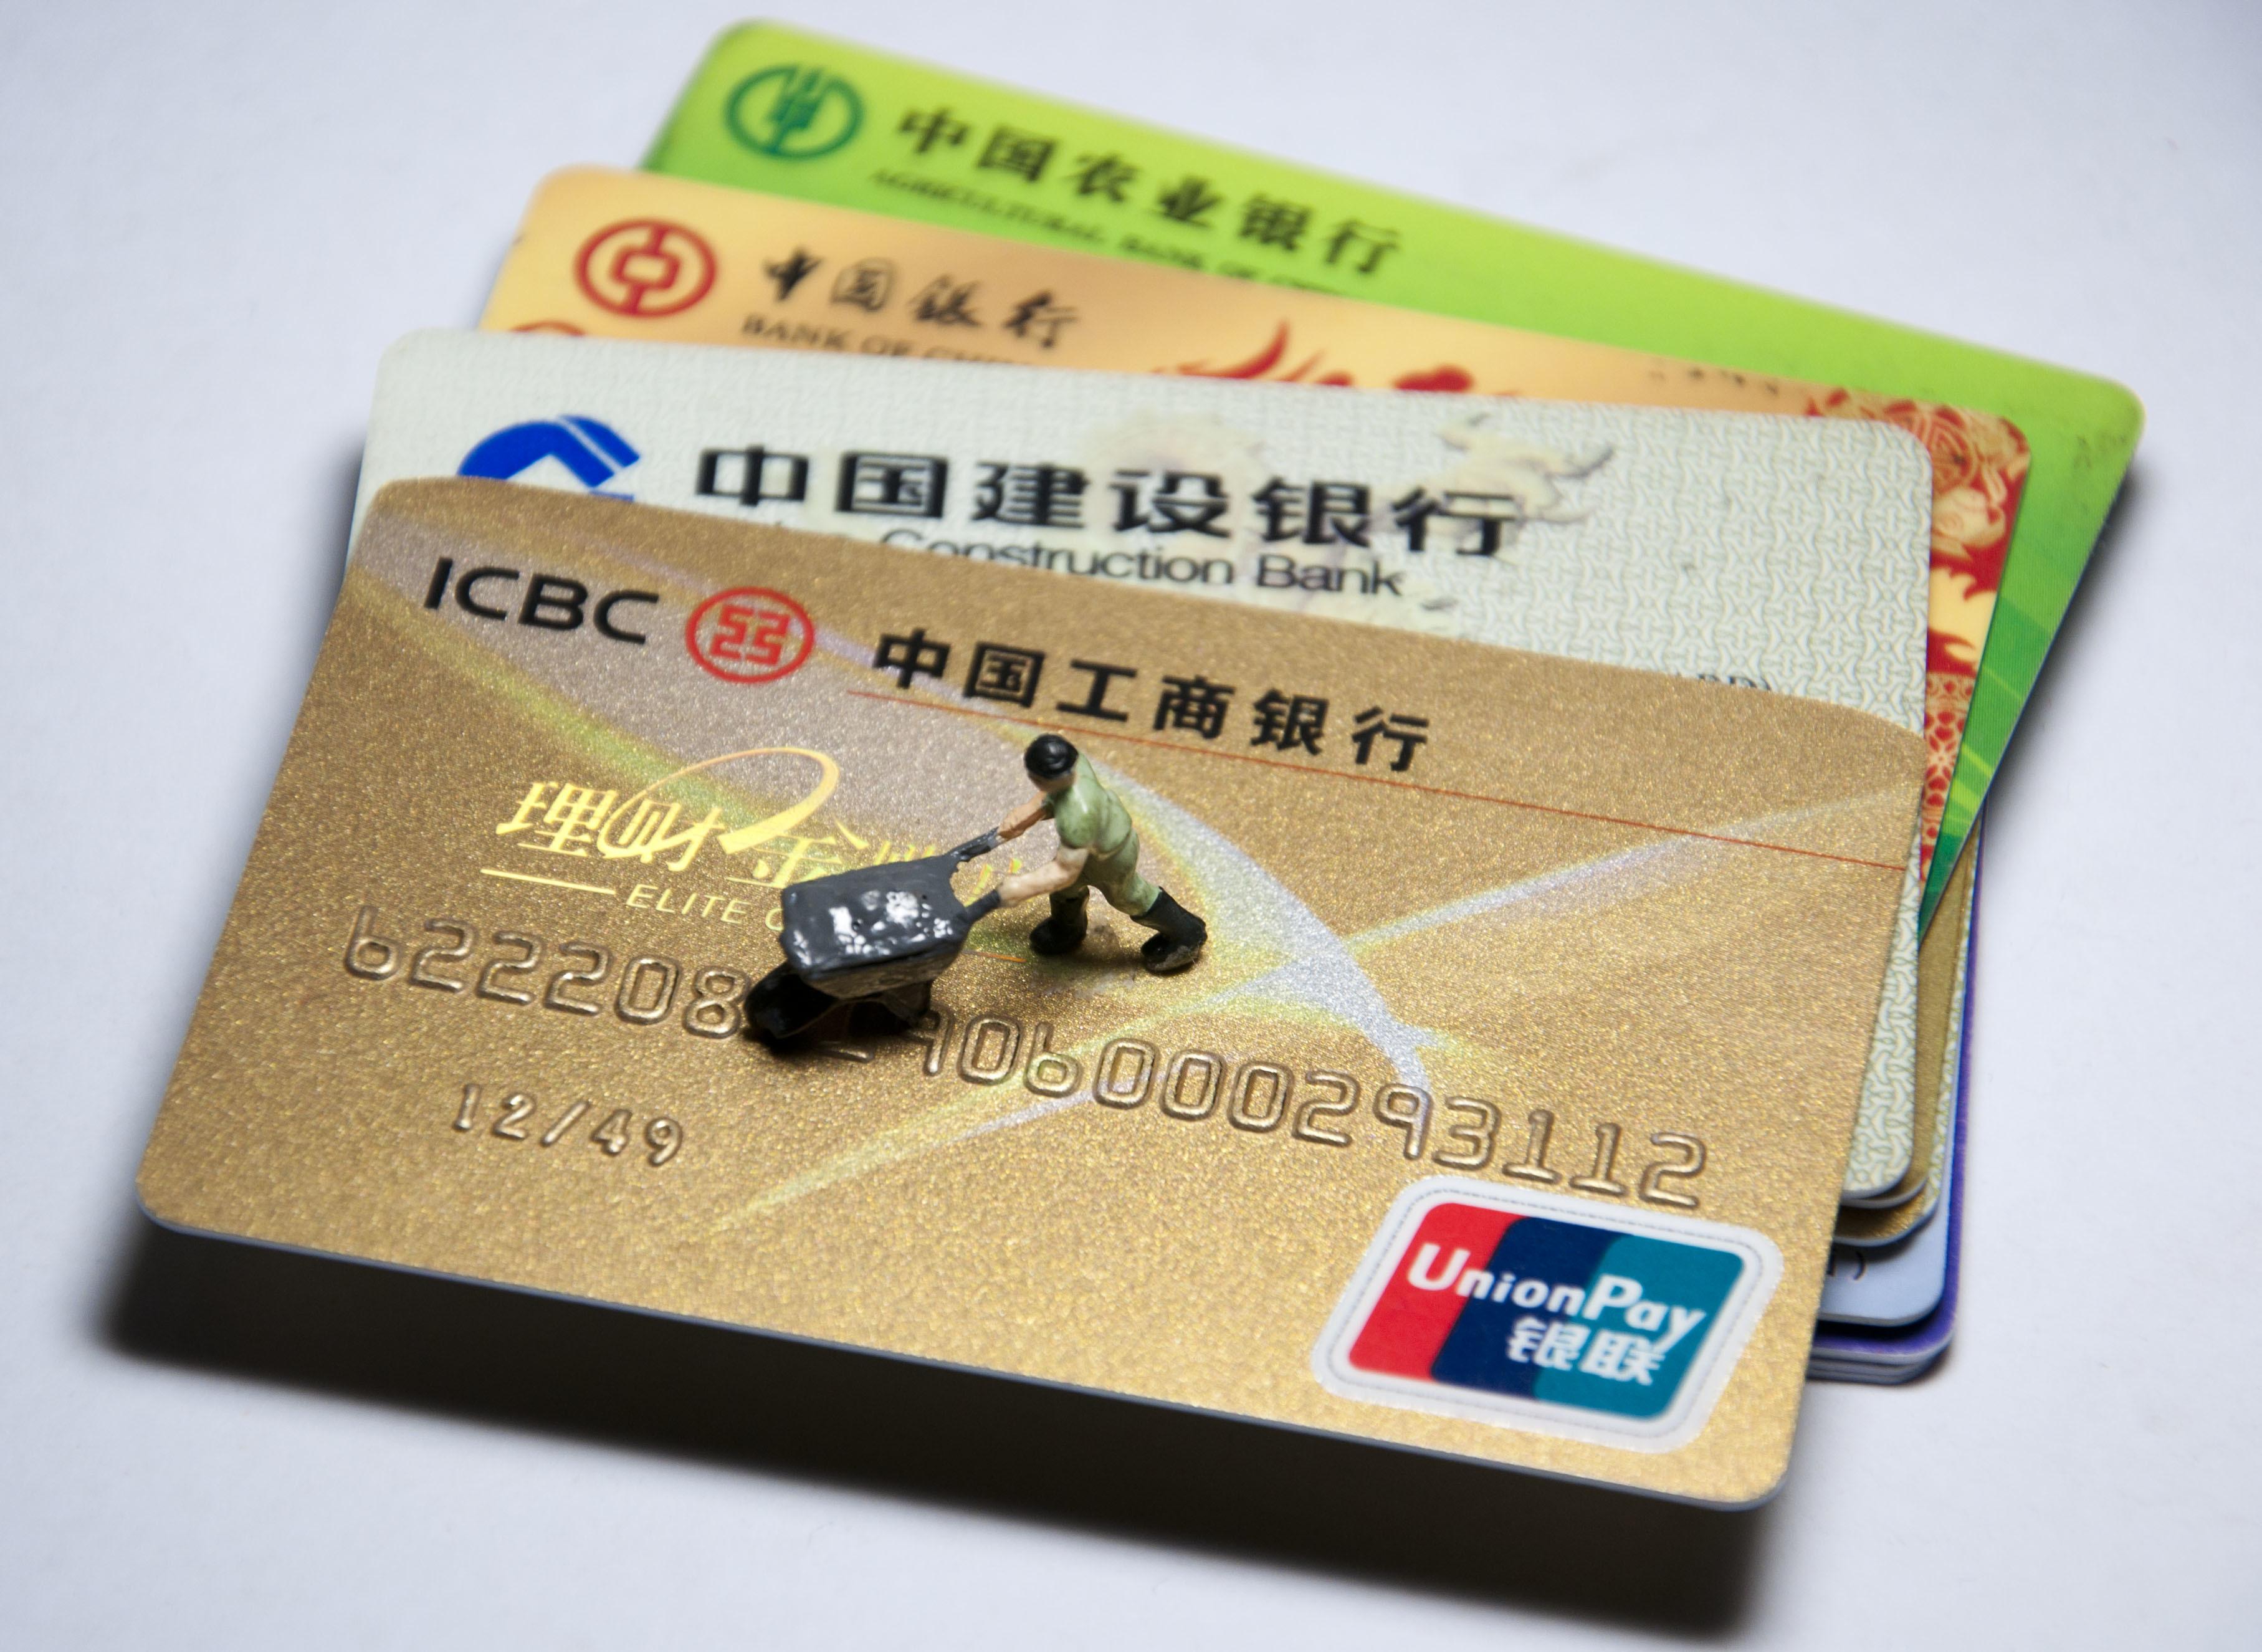 这些信用卡的冷门知识,才是提额的关键!